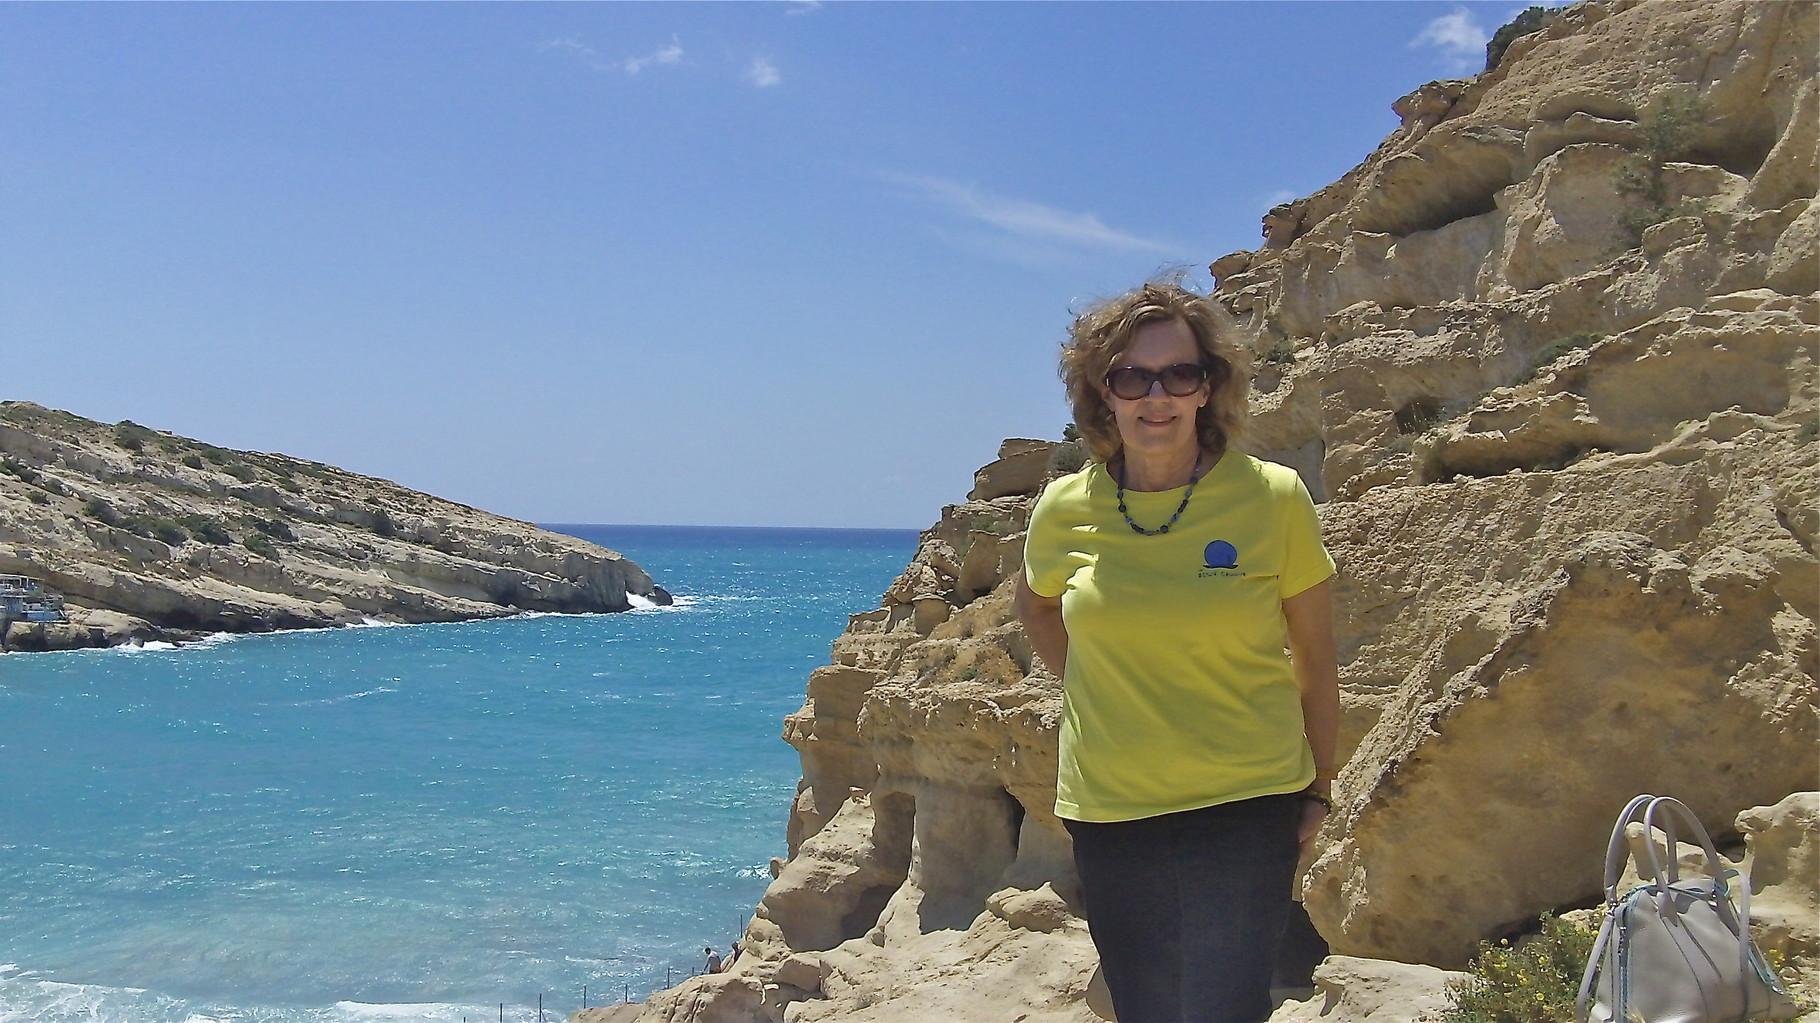 Lorraine at Matala Beach